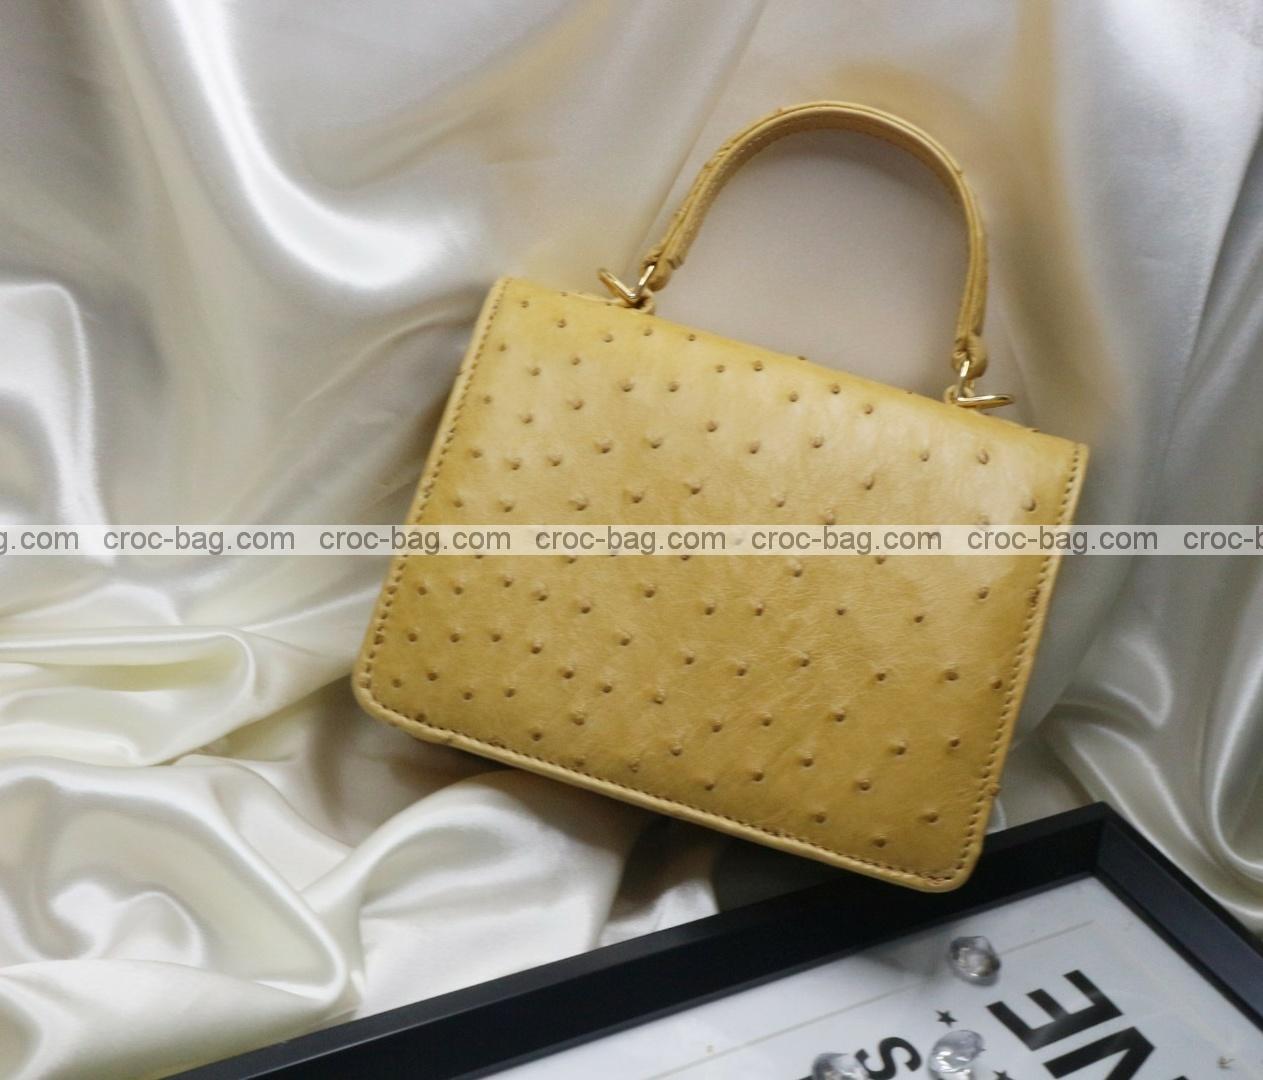 กระเป๋าหนังนกกระจอกเทศหรับผู้หญิง 5288